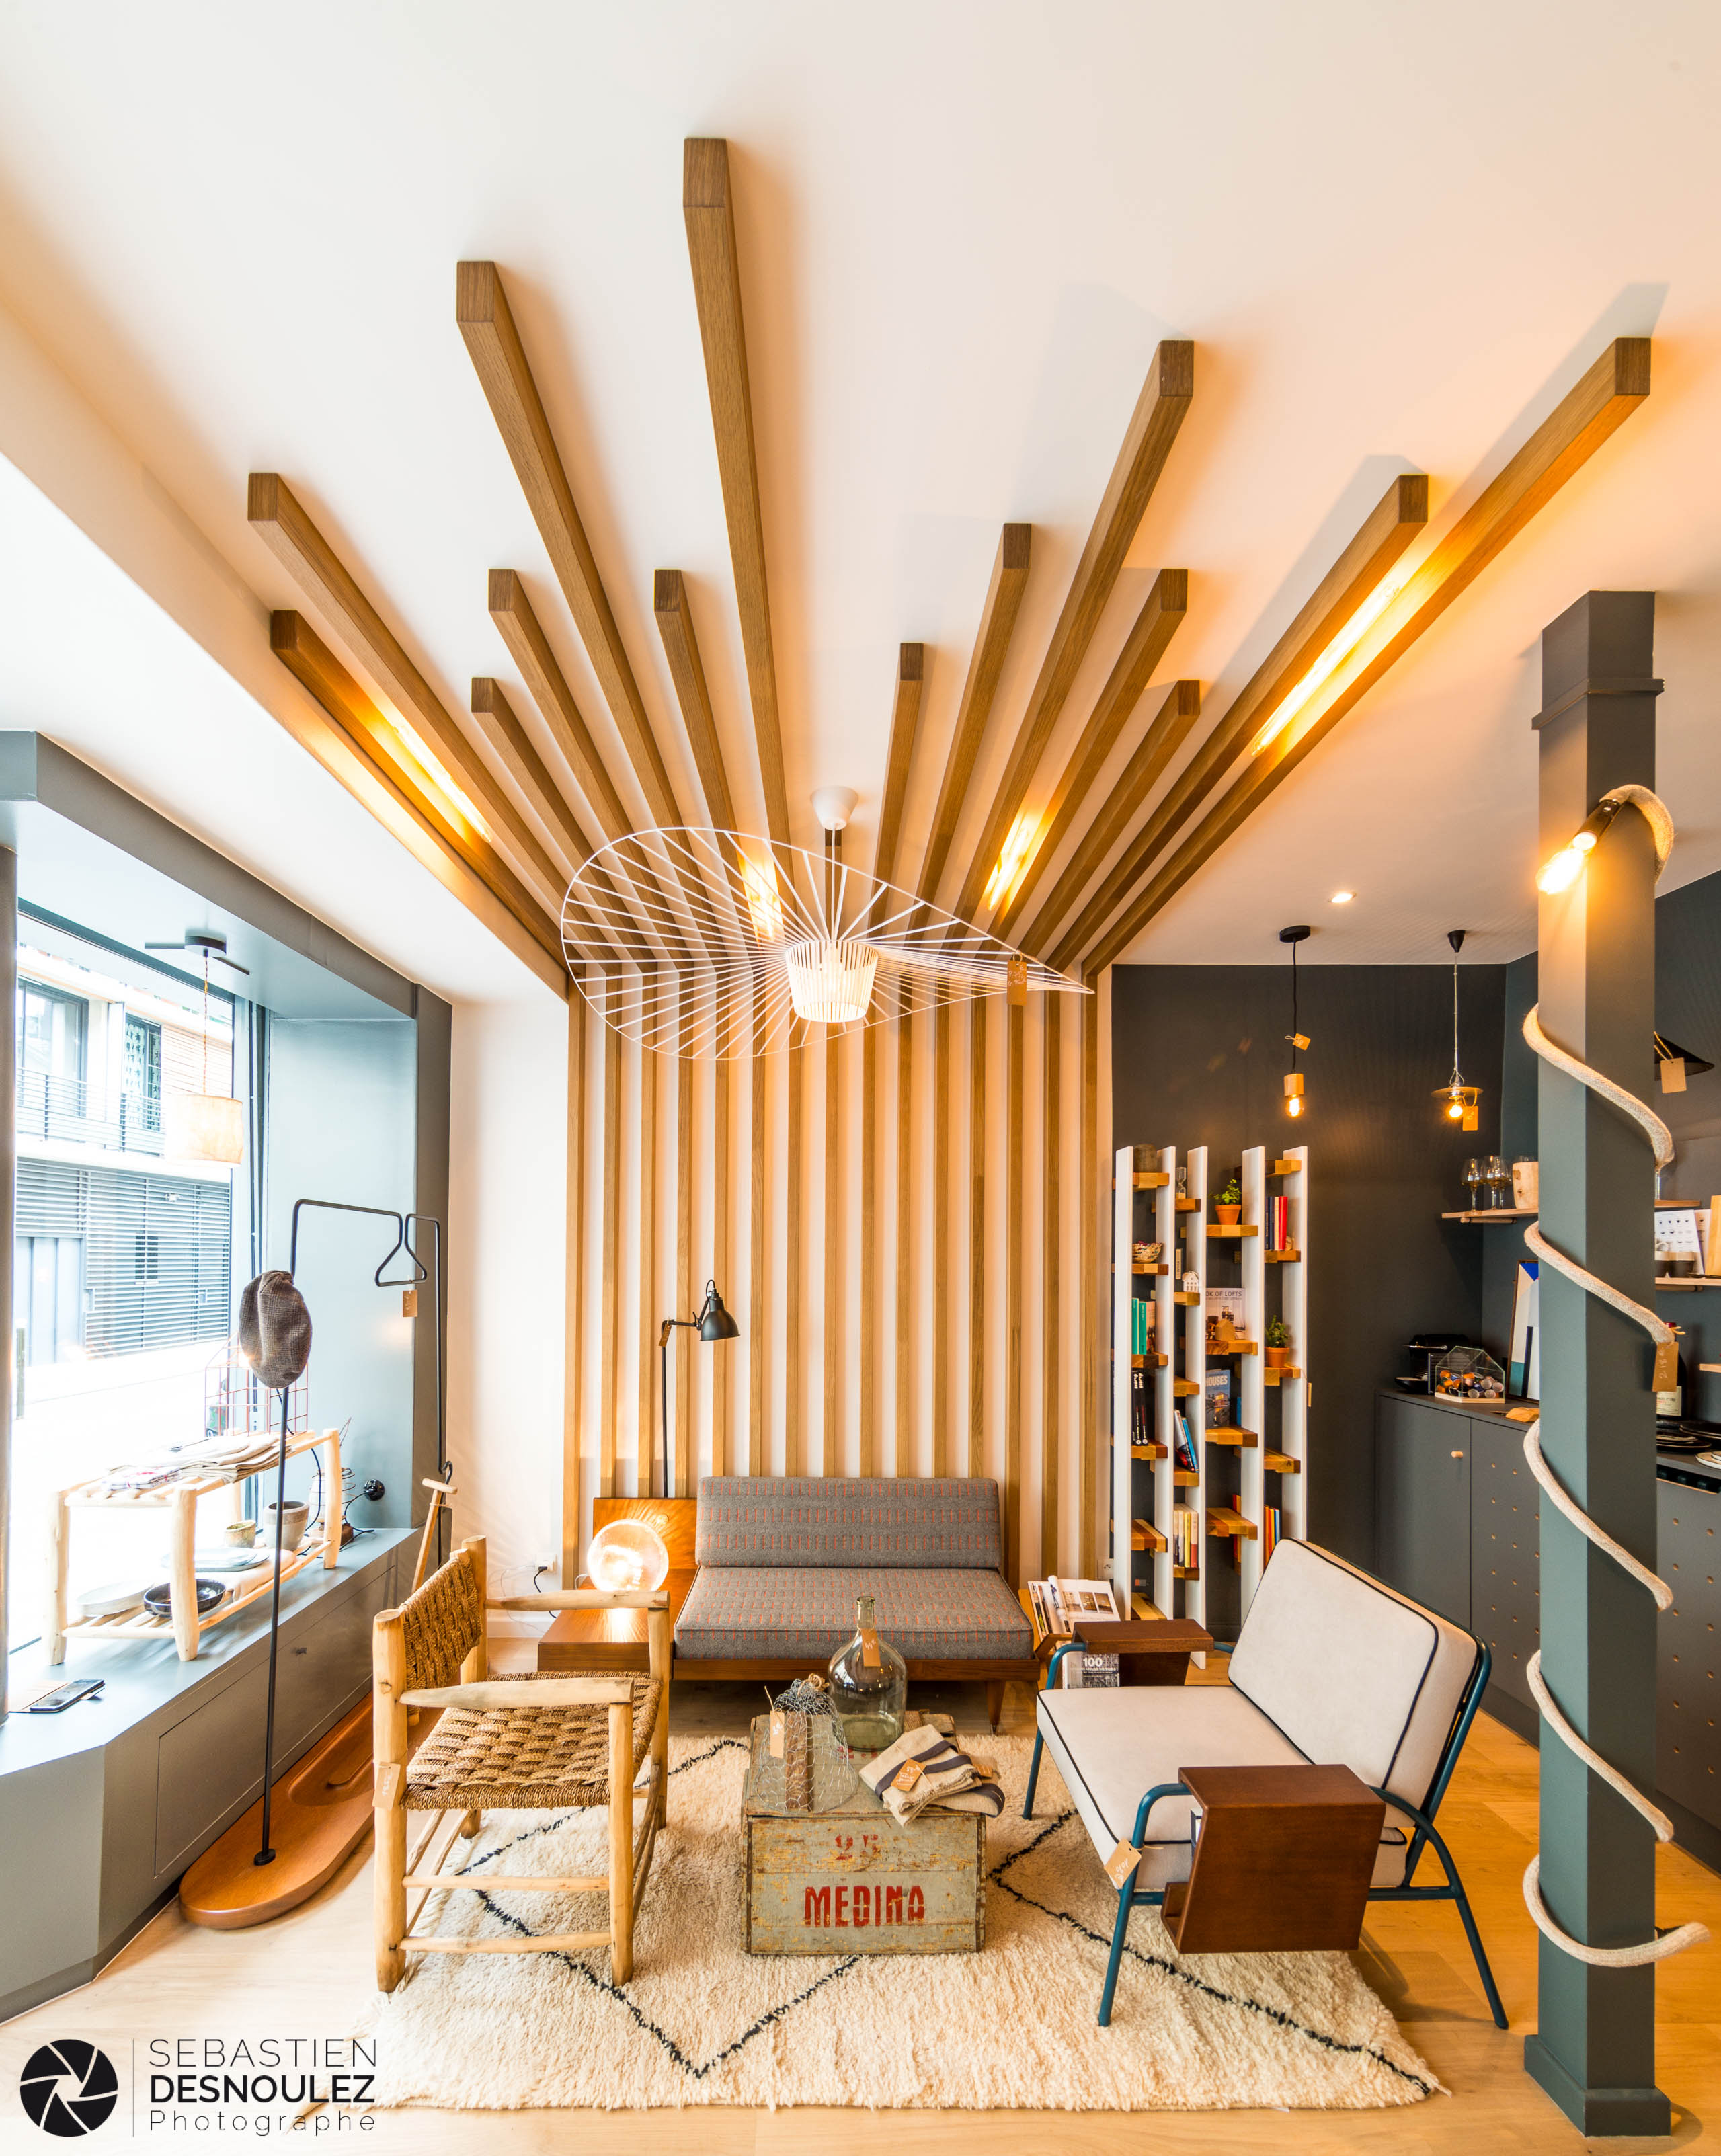 <strong>Photographe de décoration et d&rsquo;architecture d&rsquo;intérieur<span>Architecture </strong><i>&rarr;</i>